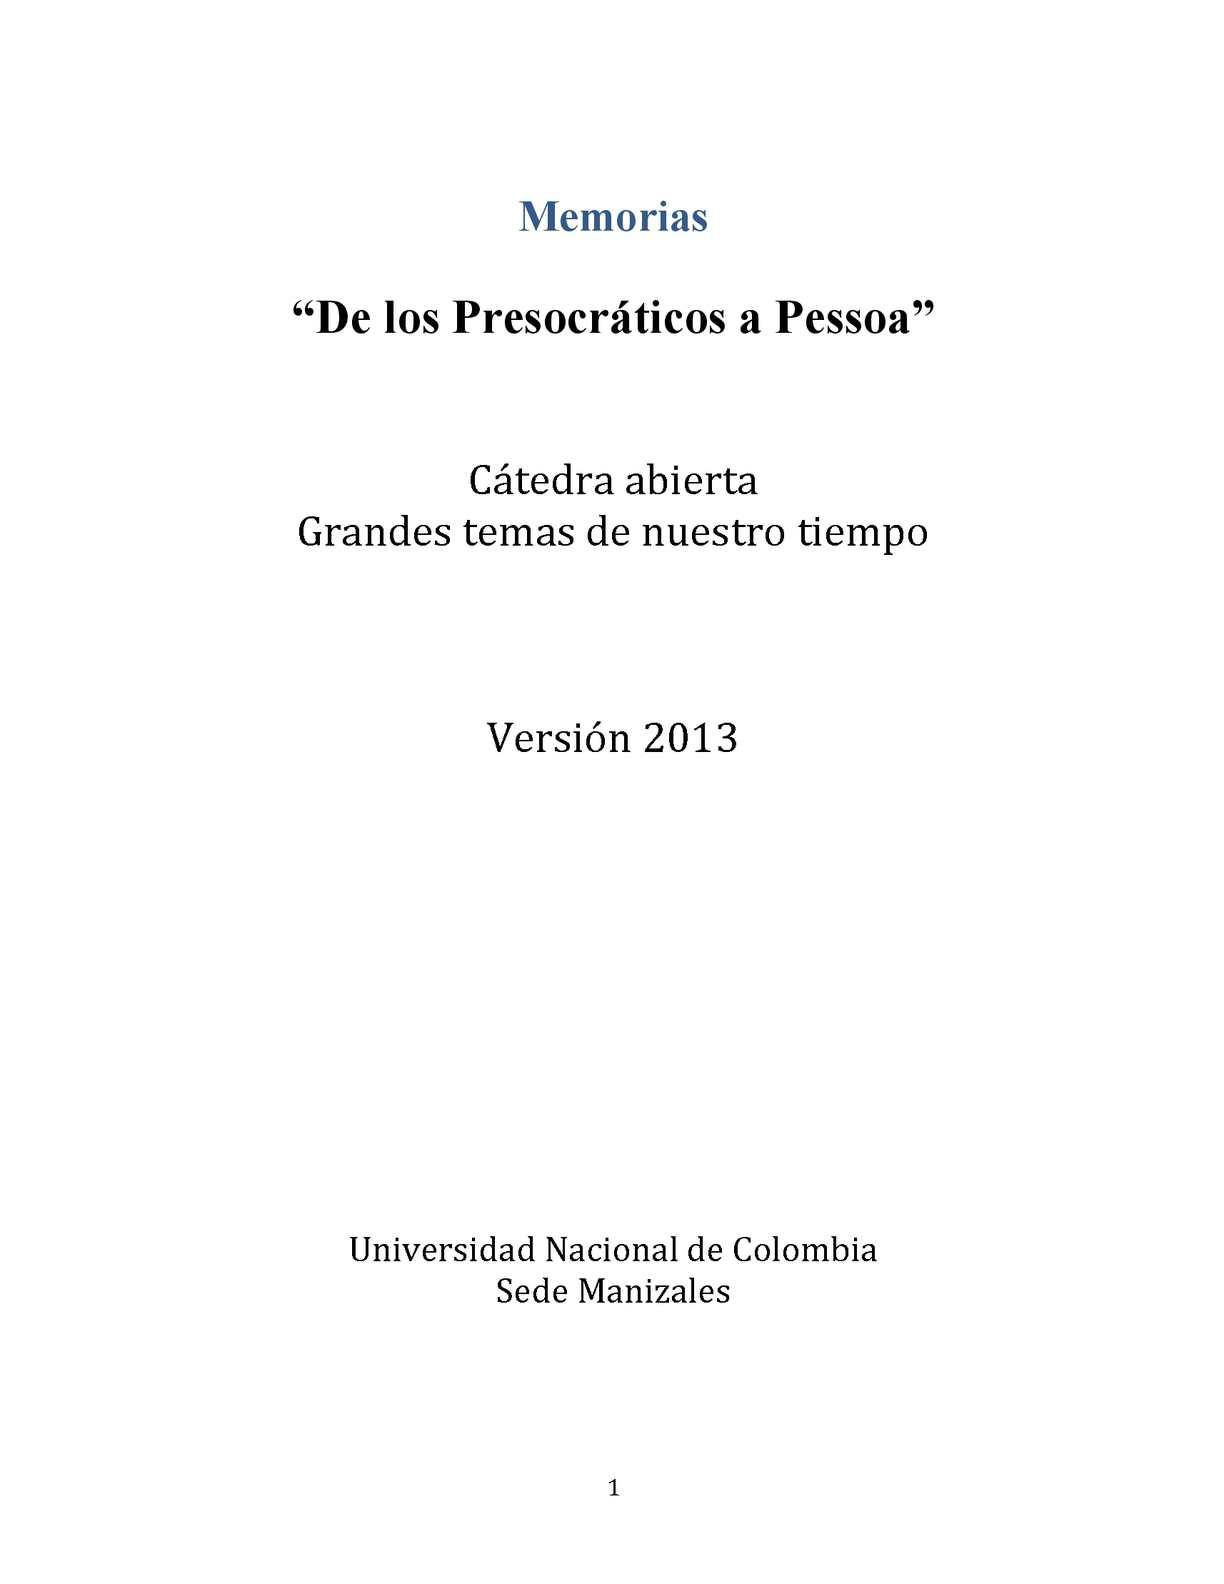 Calaméo - Cátedra abierta Grandes temas de nuestro tiempo. Versión 2013